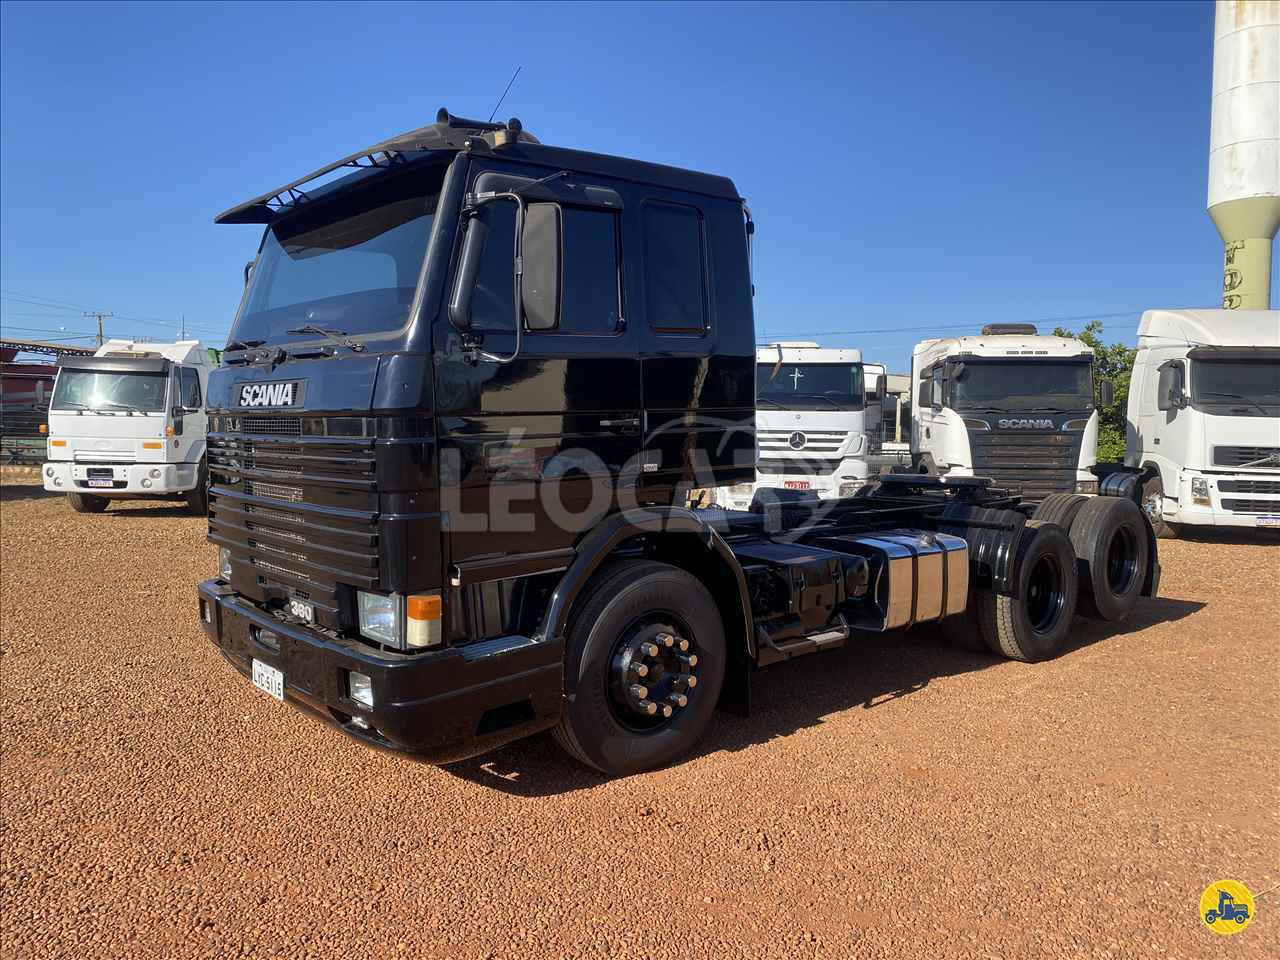 SCANIA 112 360 de Leocar Caminhões - PRIMAVERA DO LESTE/MT